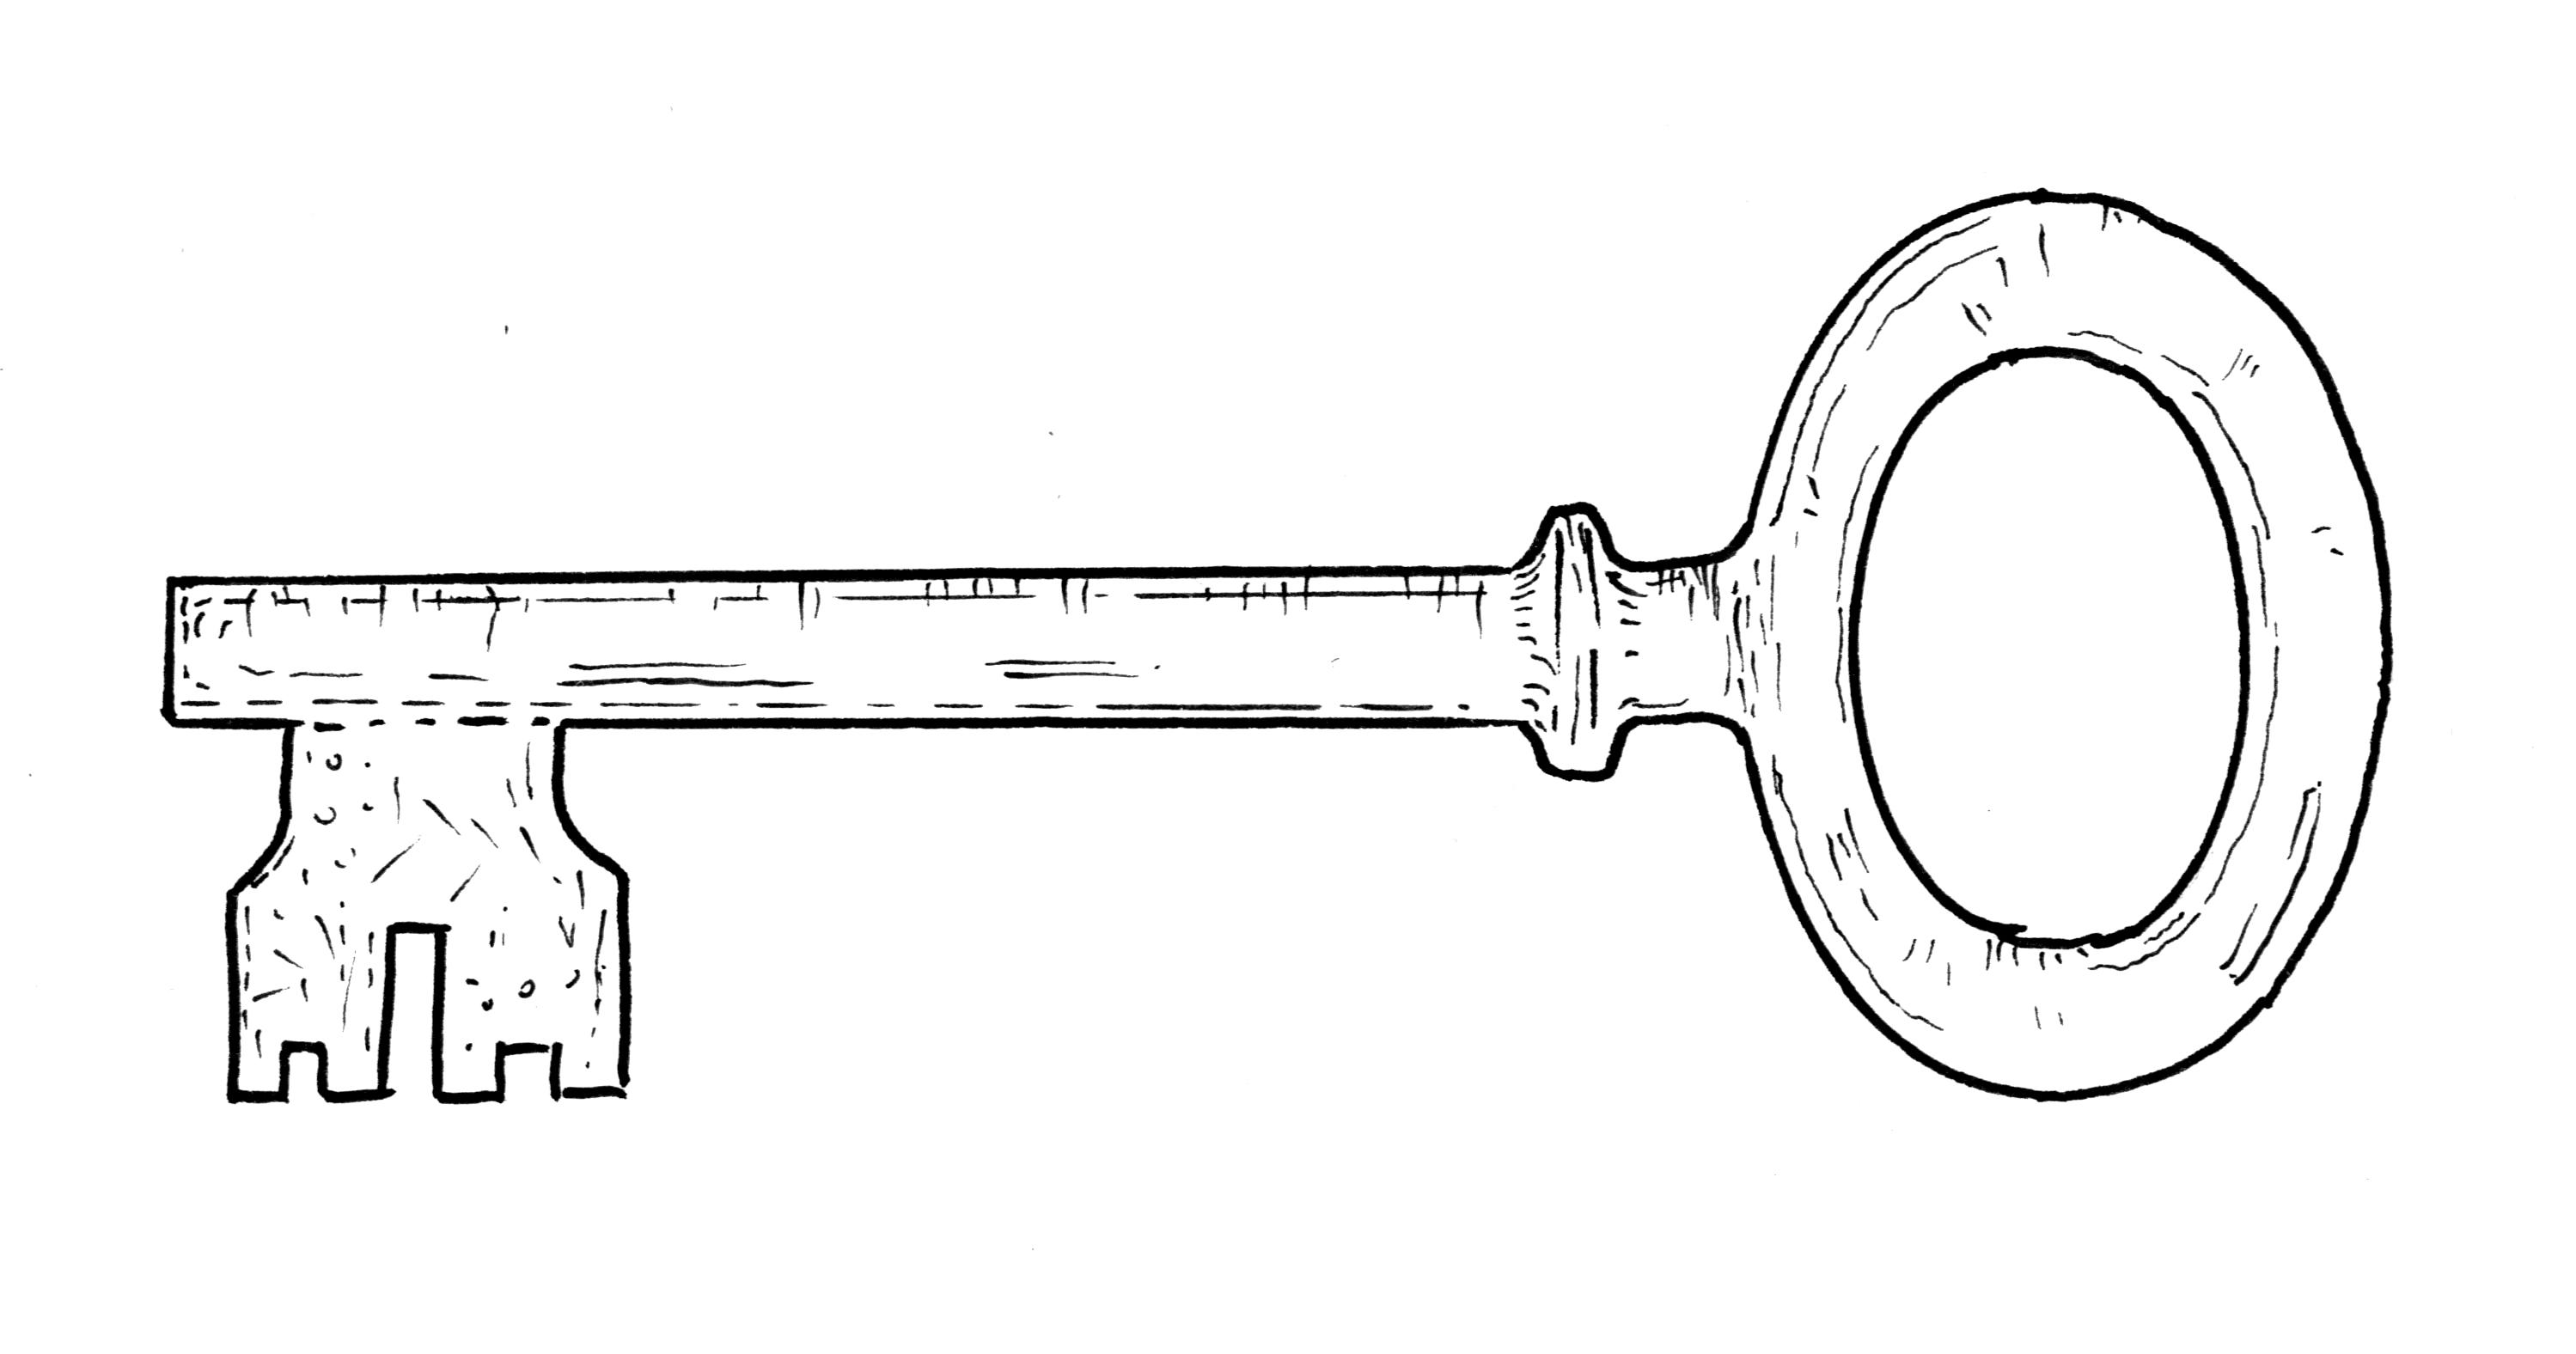 Key - draw